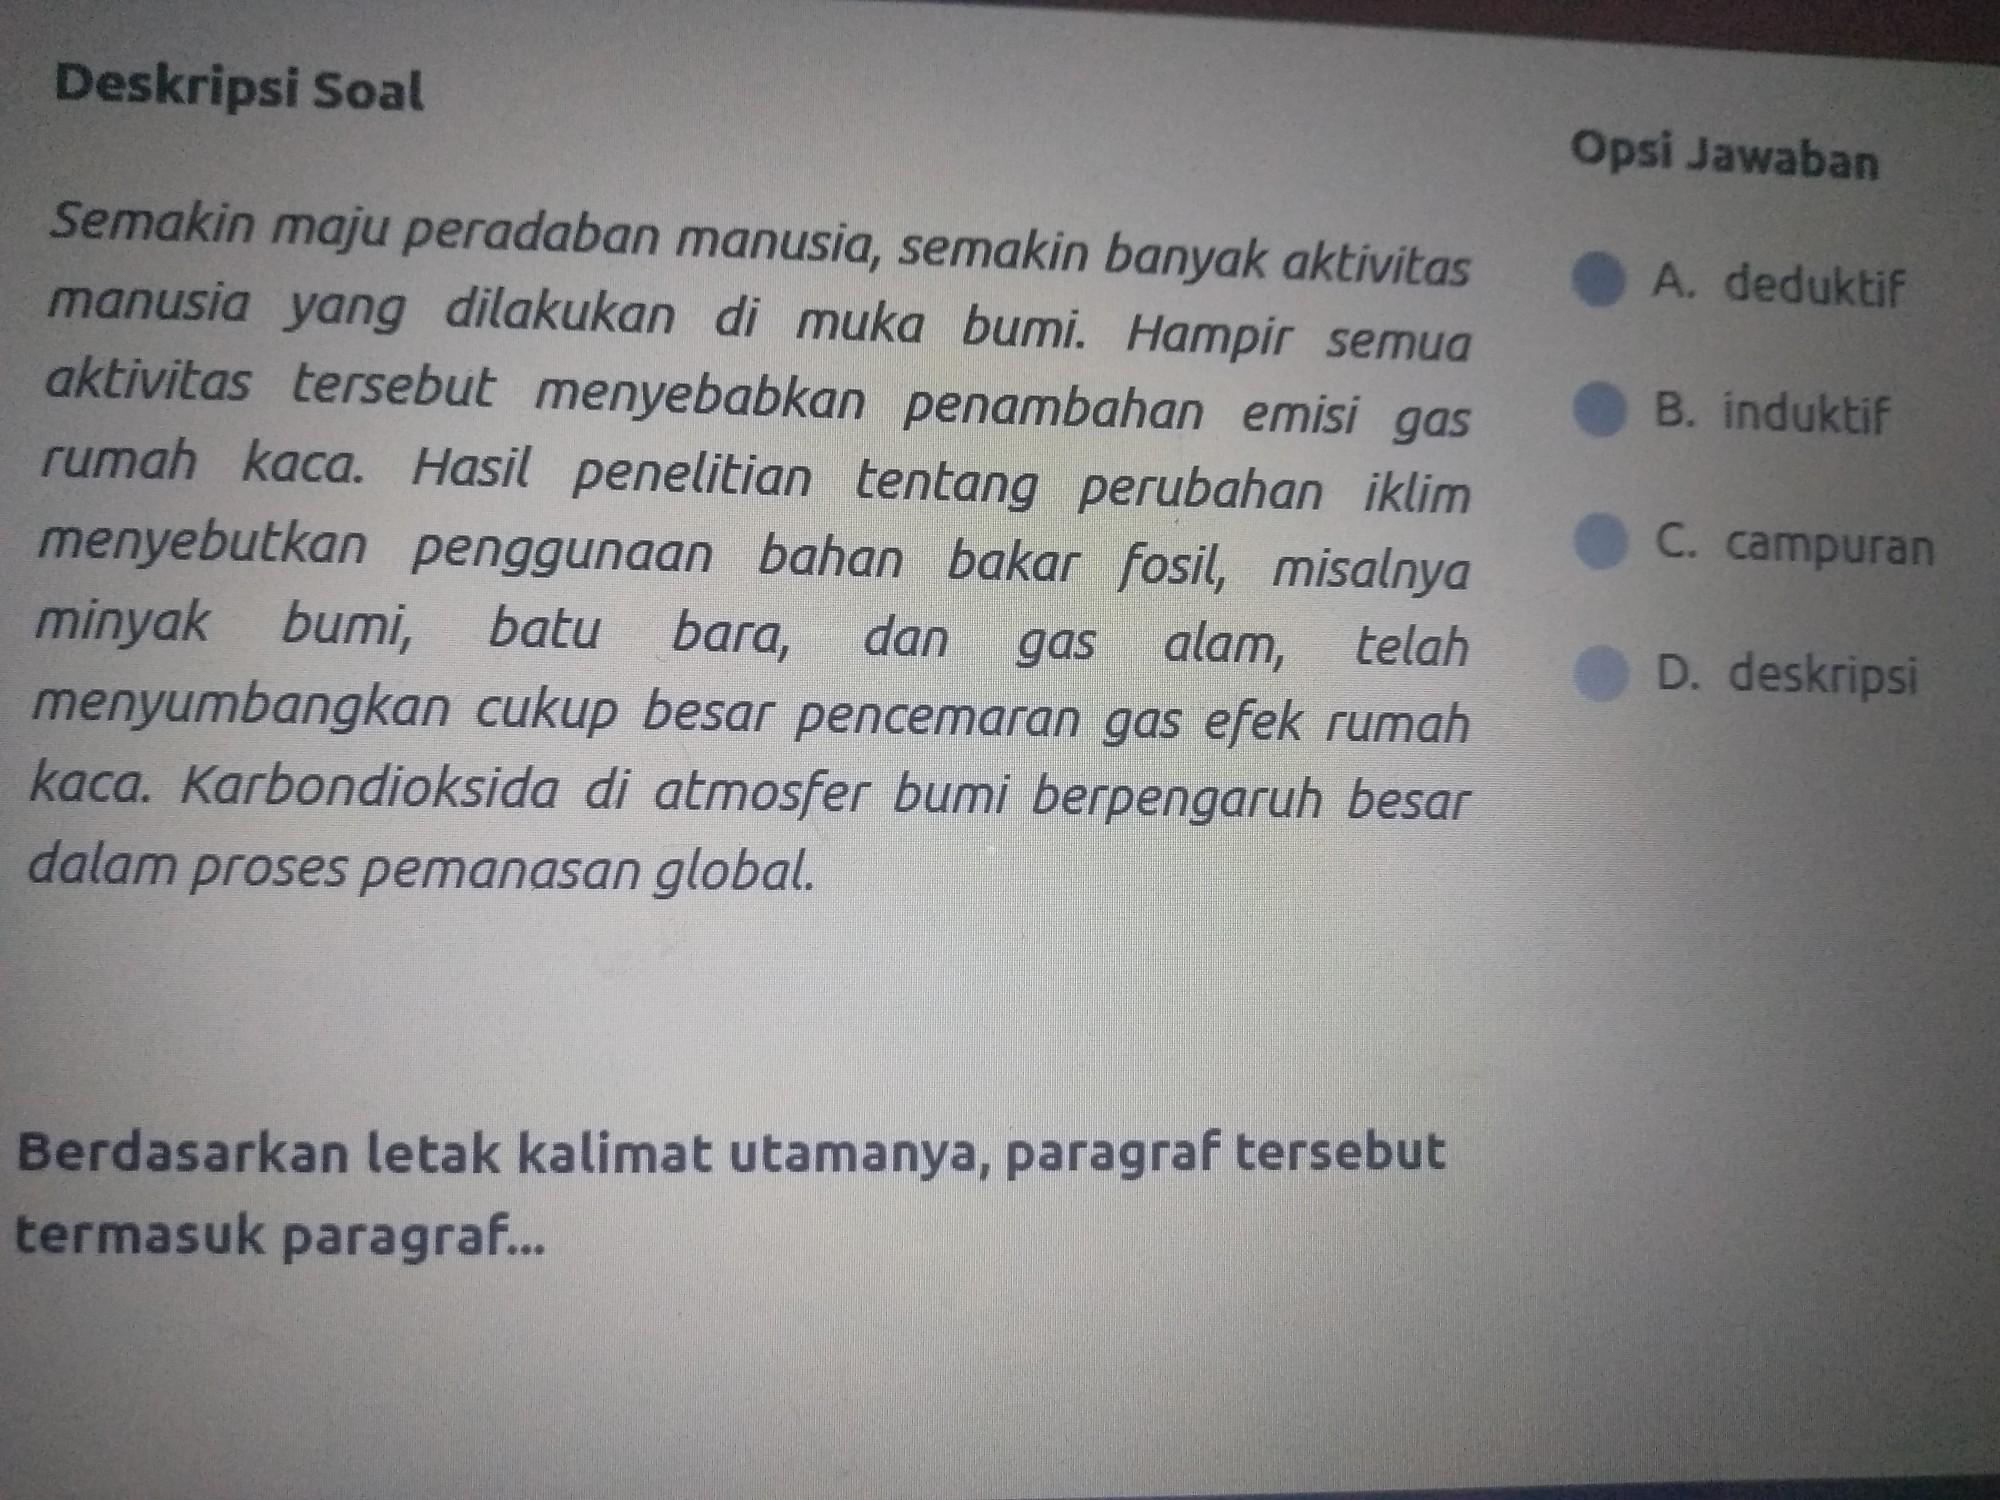 Berdasarkan Letak Kalimat Utamanya Paragraf Tersebut Termasuk